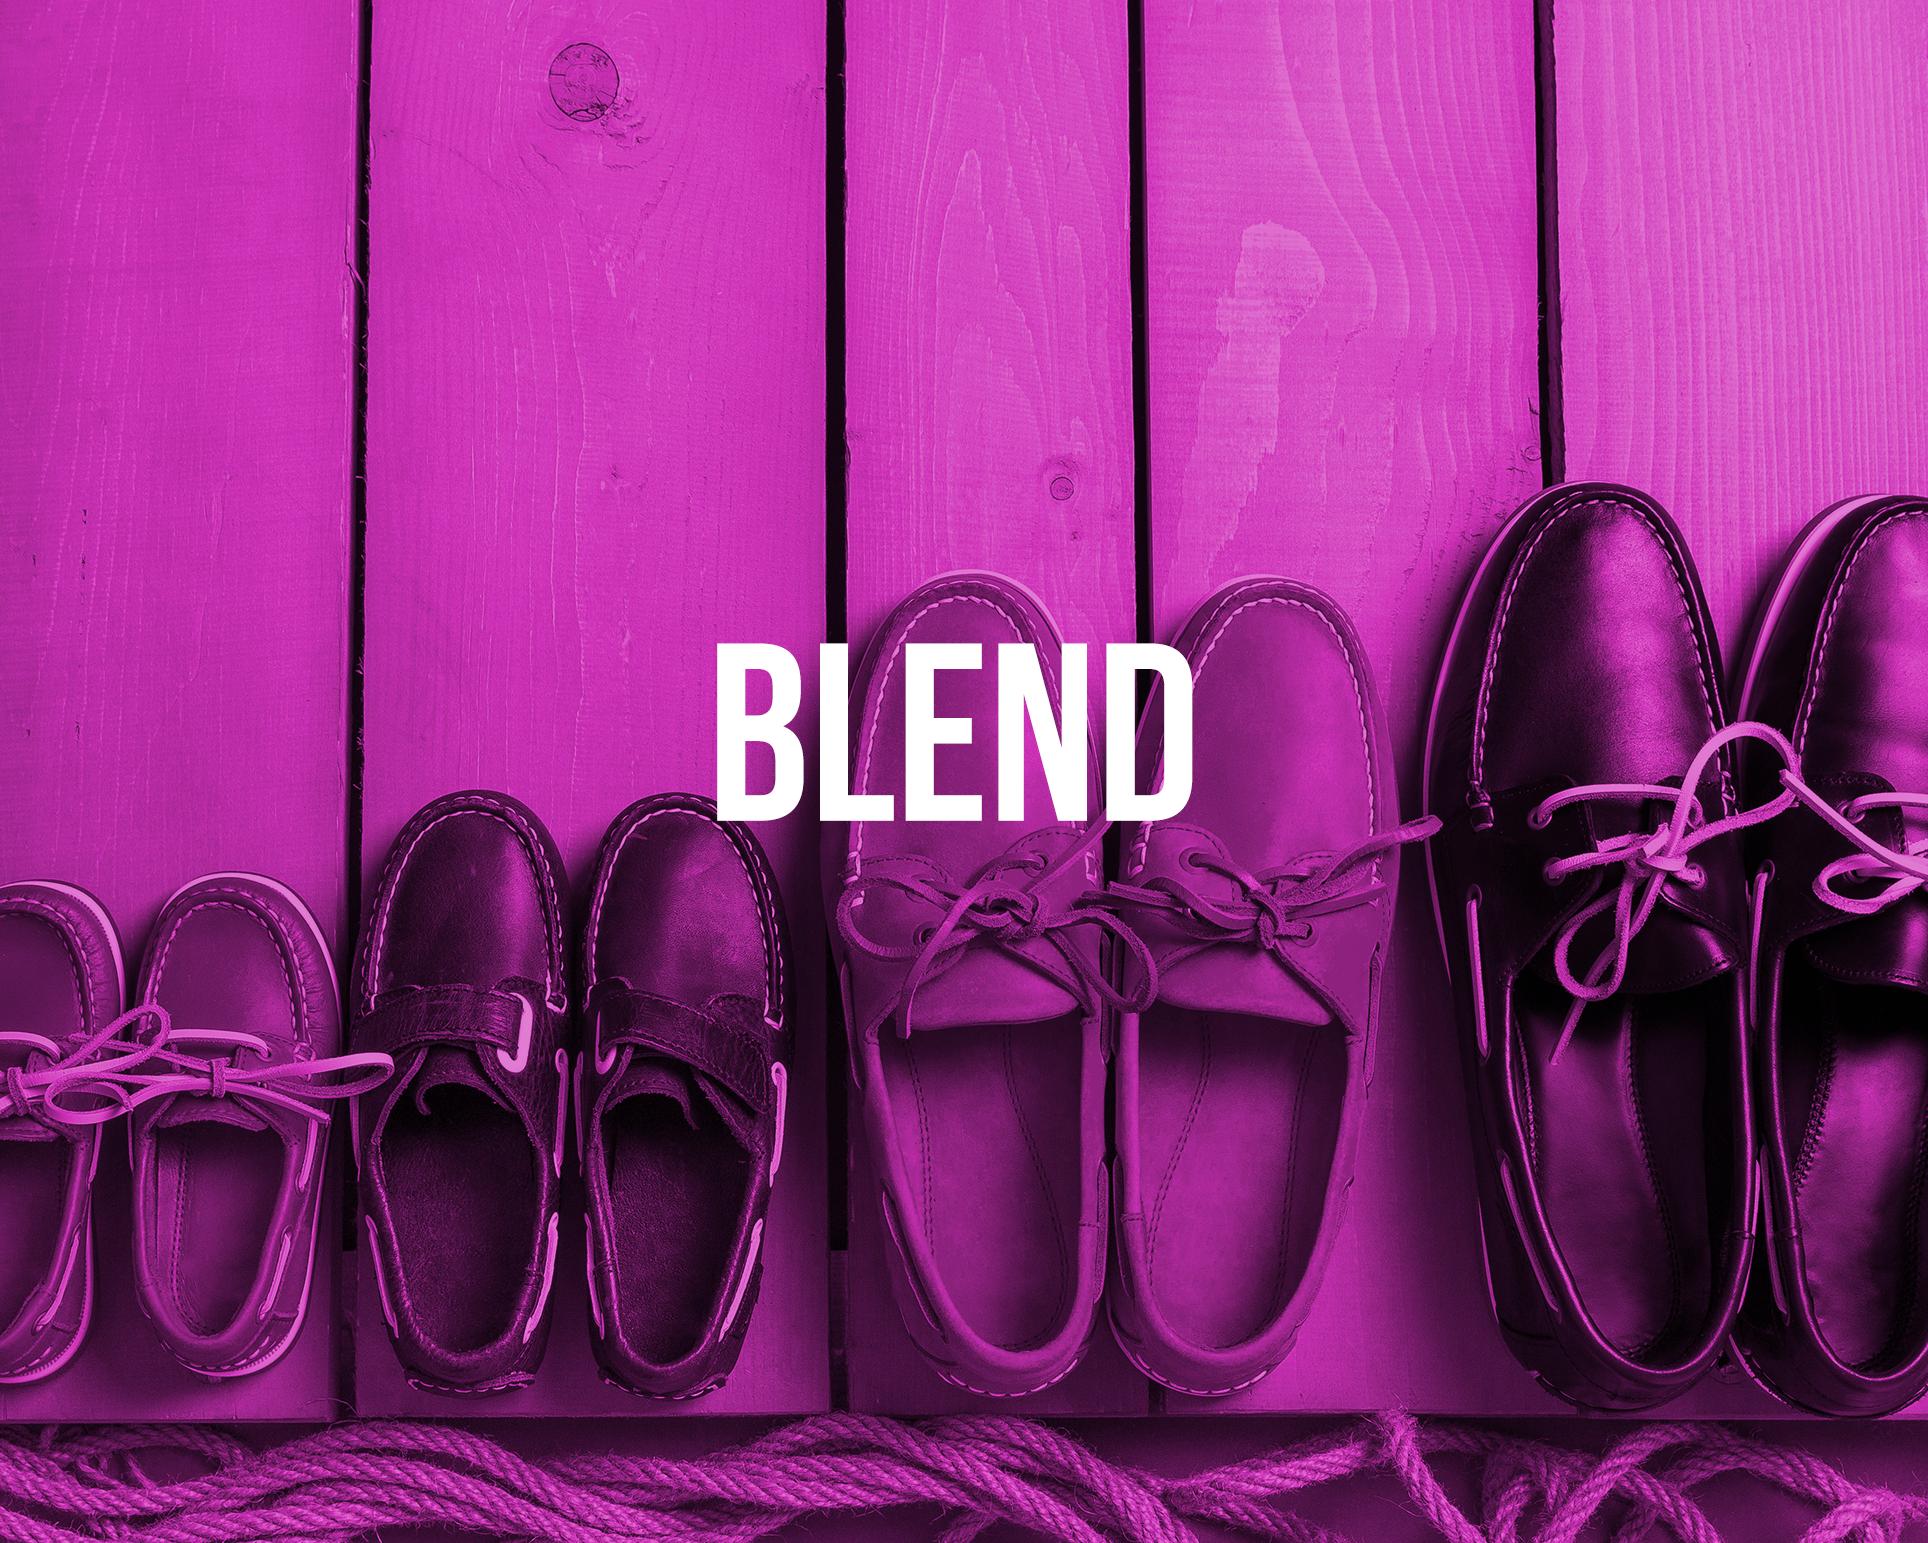 BLEND es un taller diseñado para guiar y orientar a los matrimonios de segunda oportunidad, en donde uno o ambos cónyuges tienen hijos de una relación anterior.